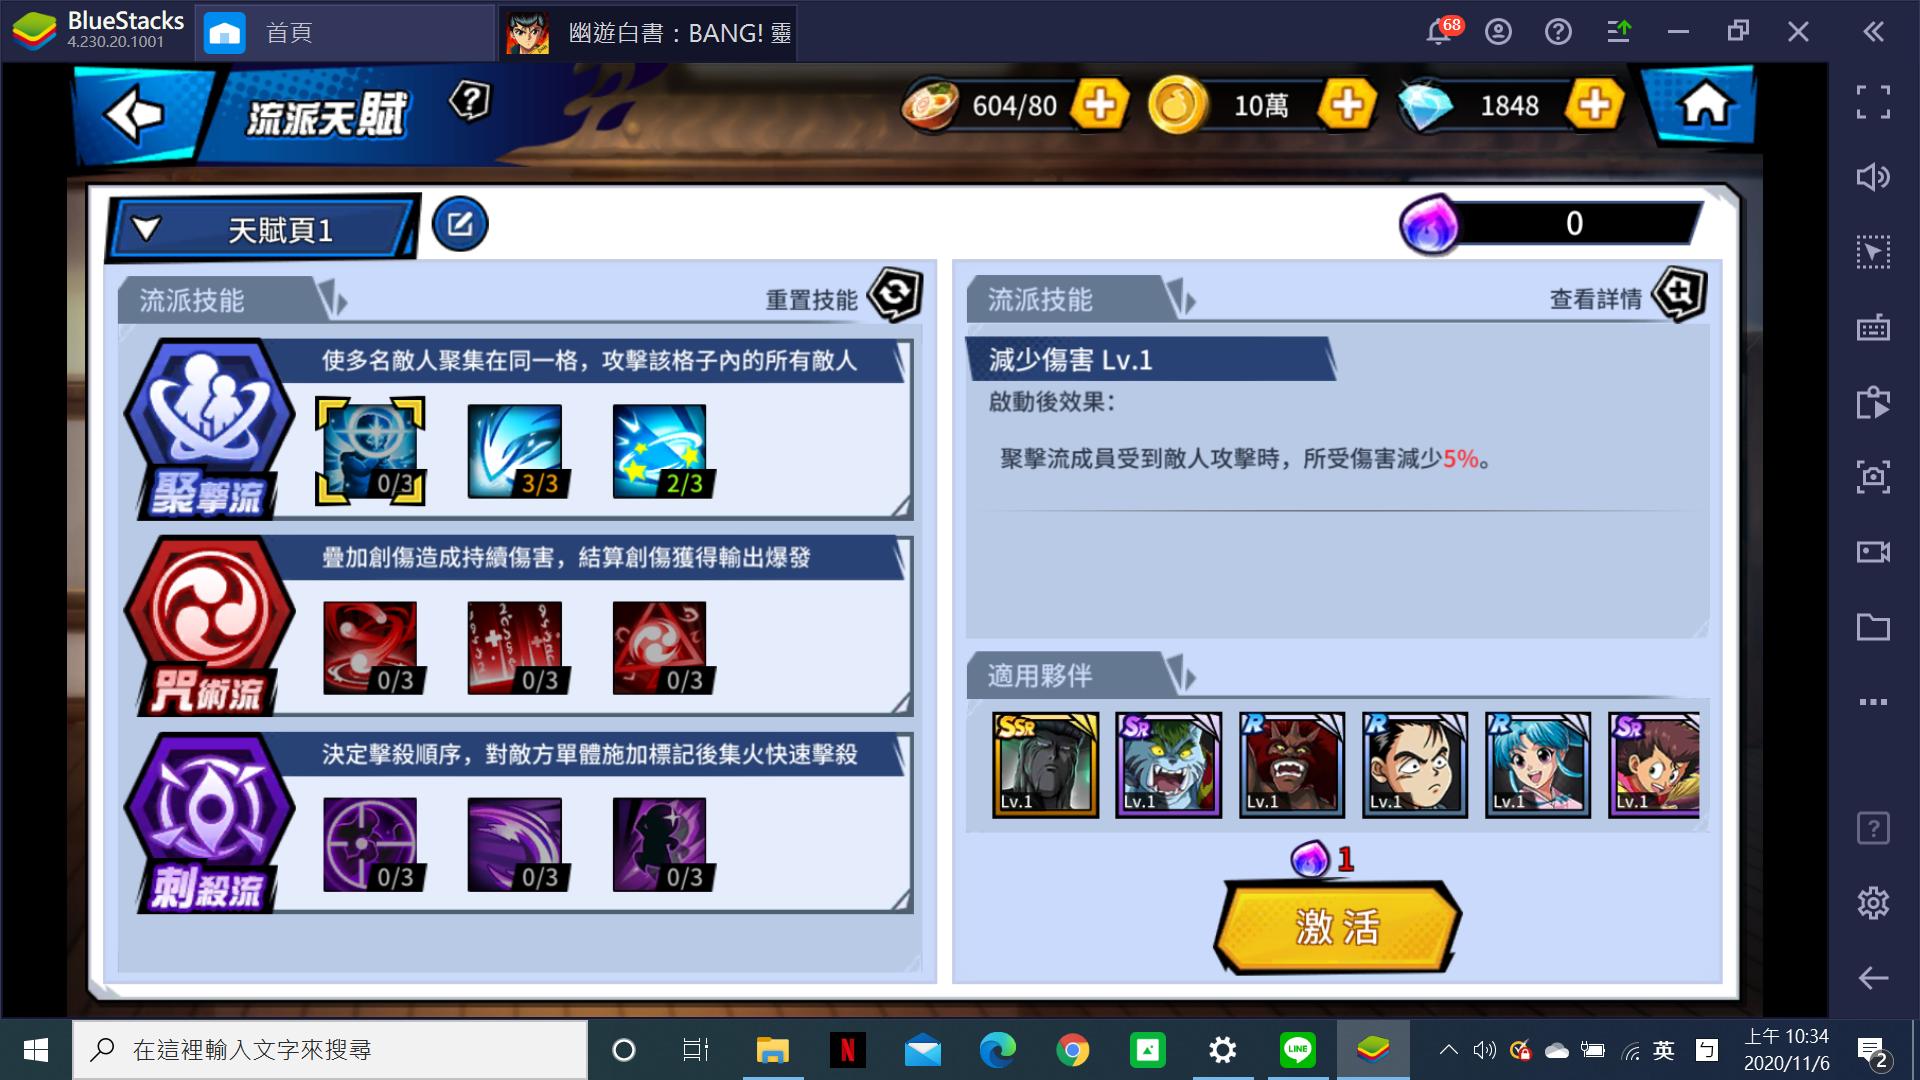 使用BlueStacks在PC上遊玩《幽遊白書:BANG! 靈丸》